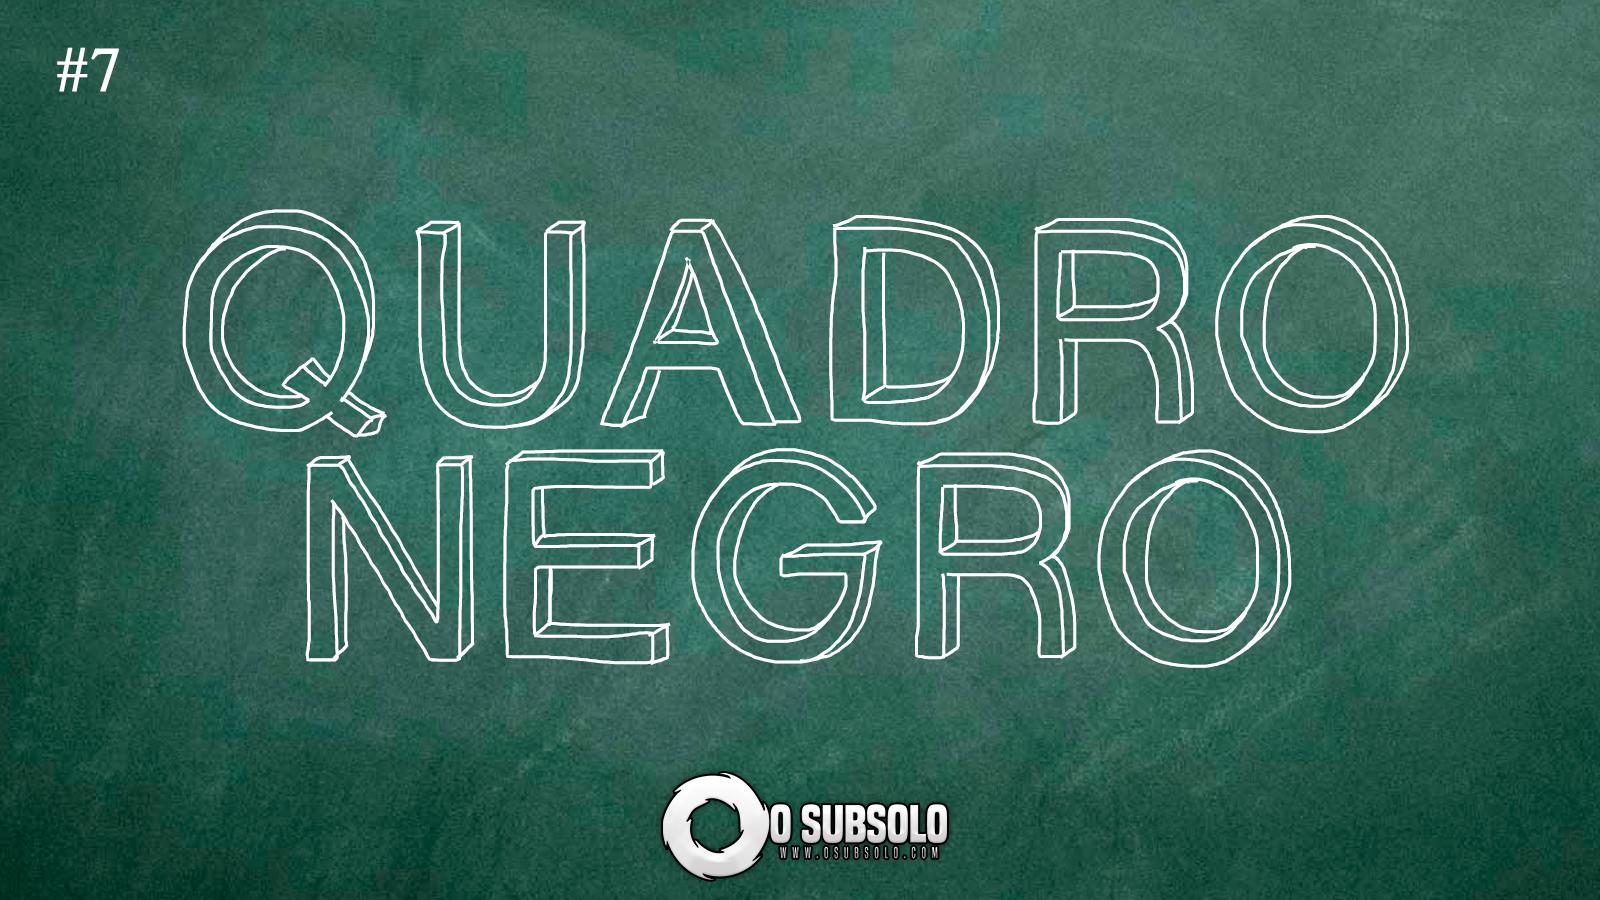 O Subsolo - Quadro Negro #7